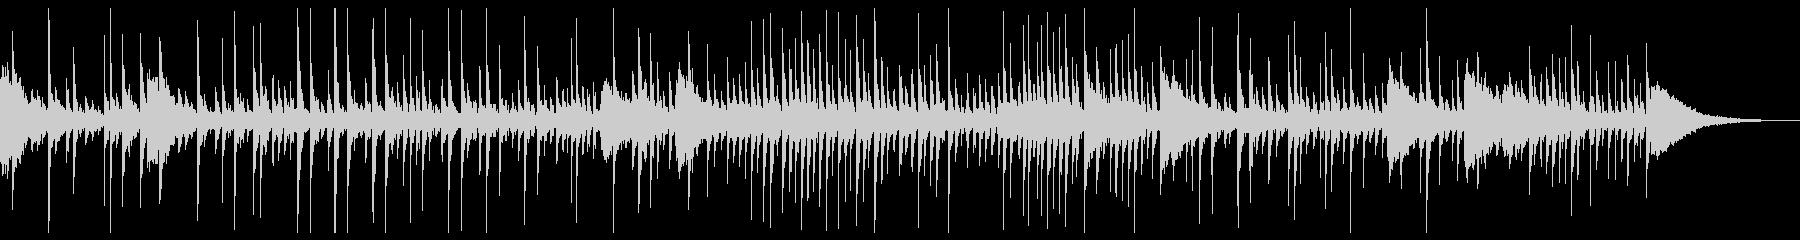 ドラム:ドラムソロの未再生の波形